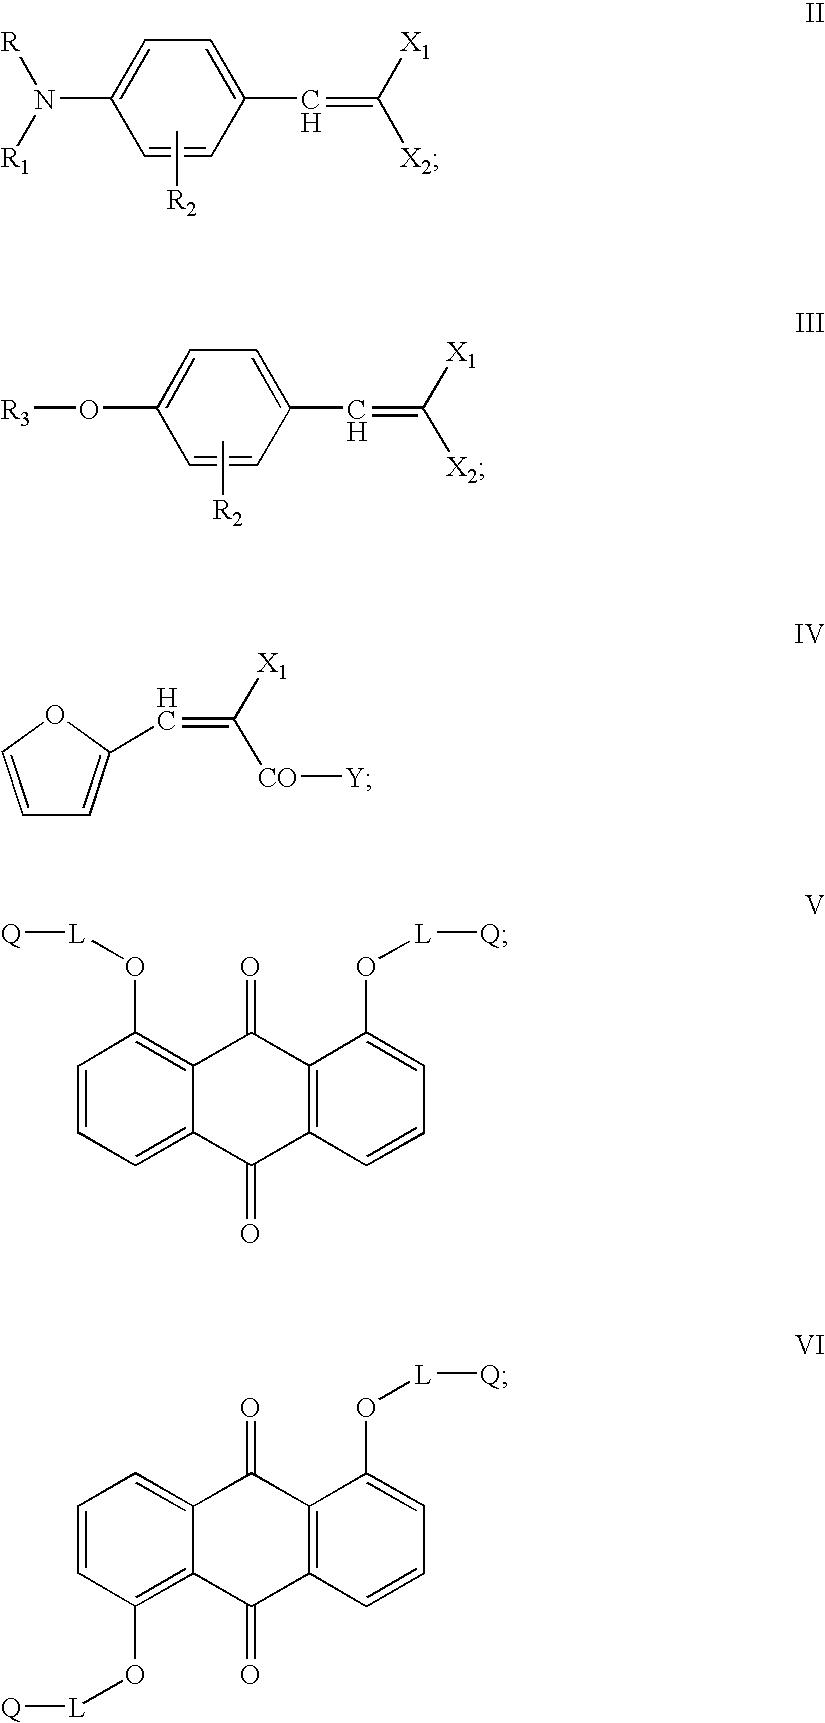 Figure US20060115516A1-20060601-C00005